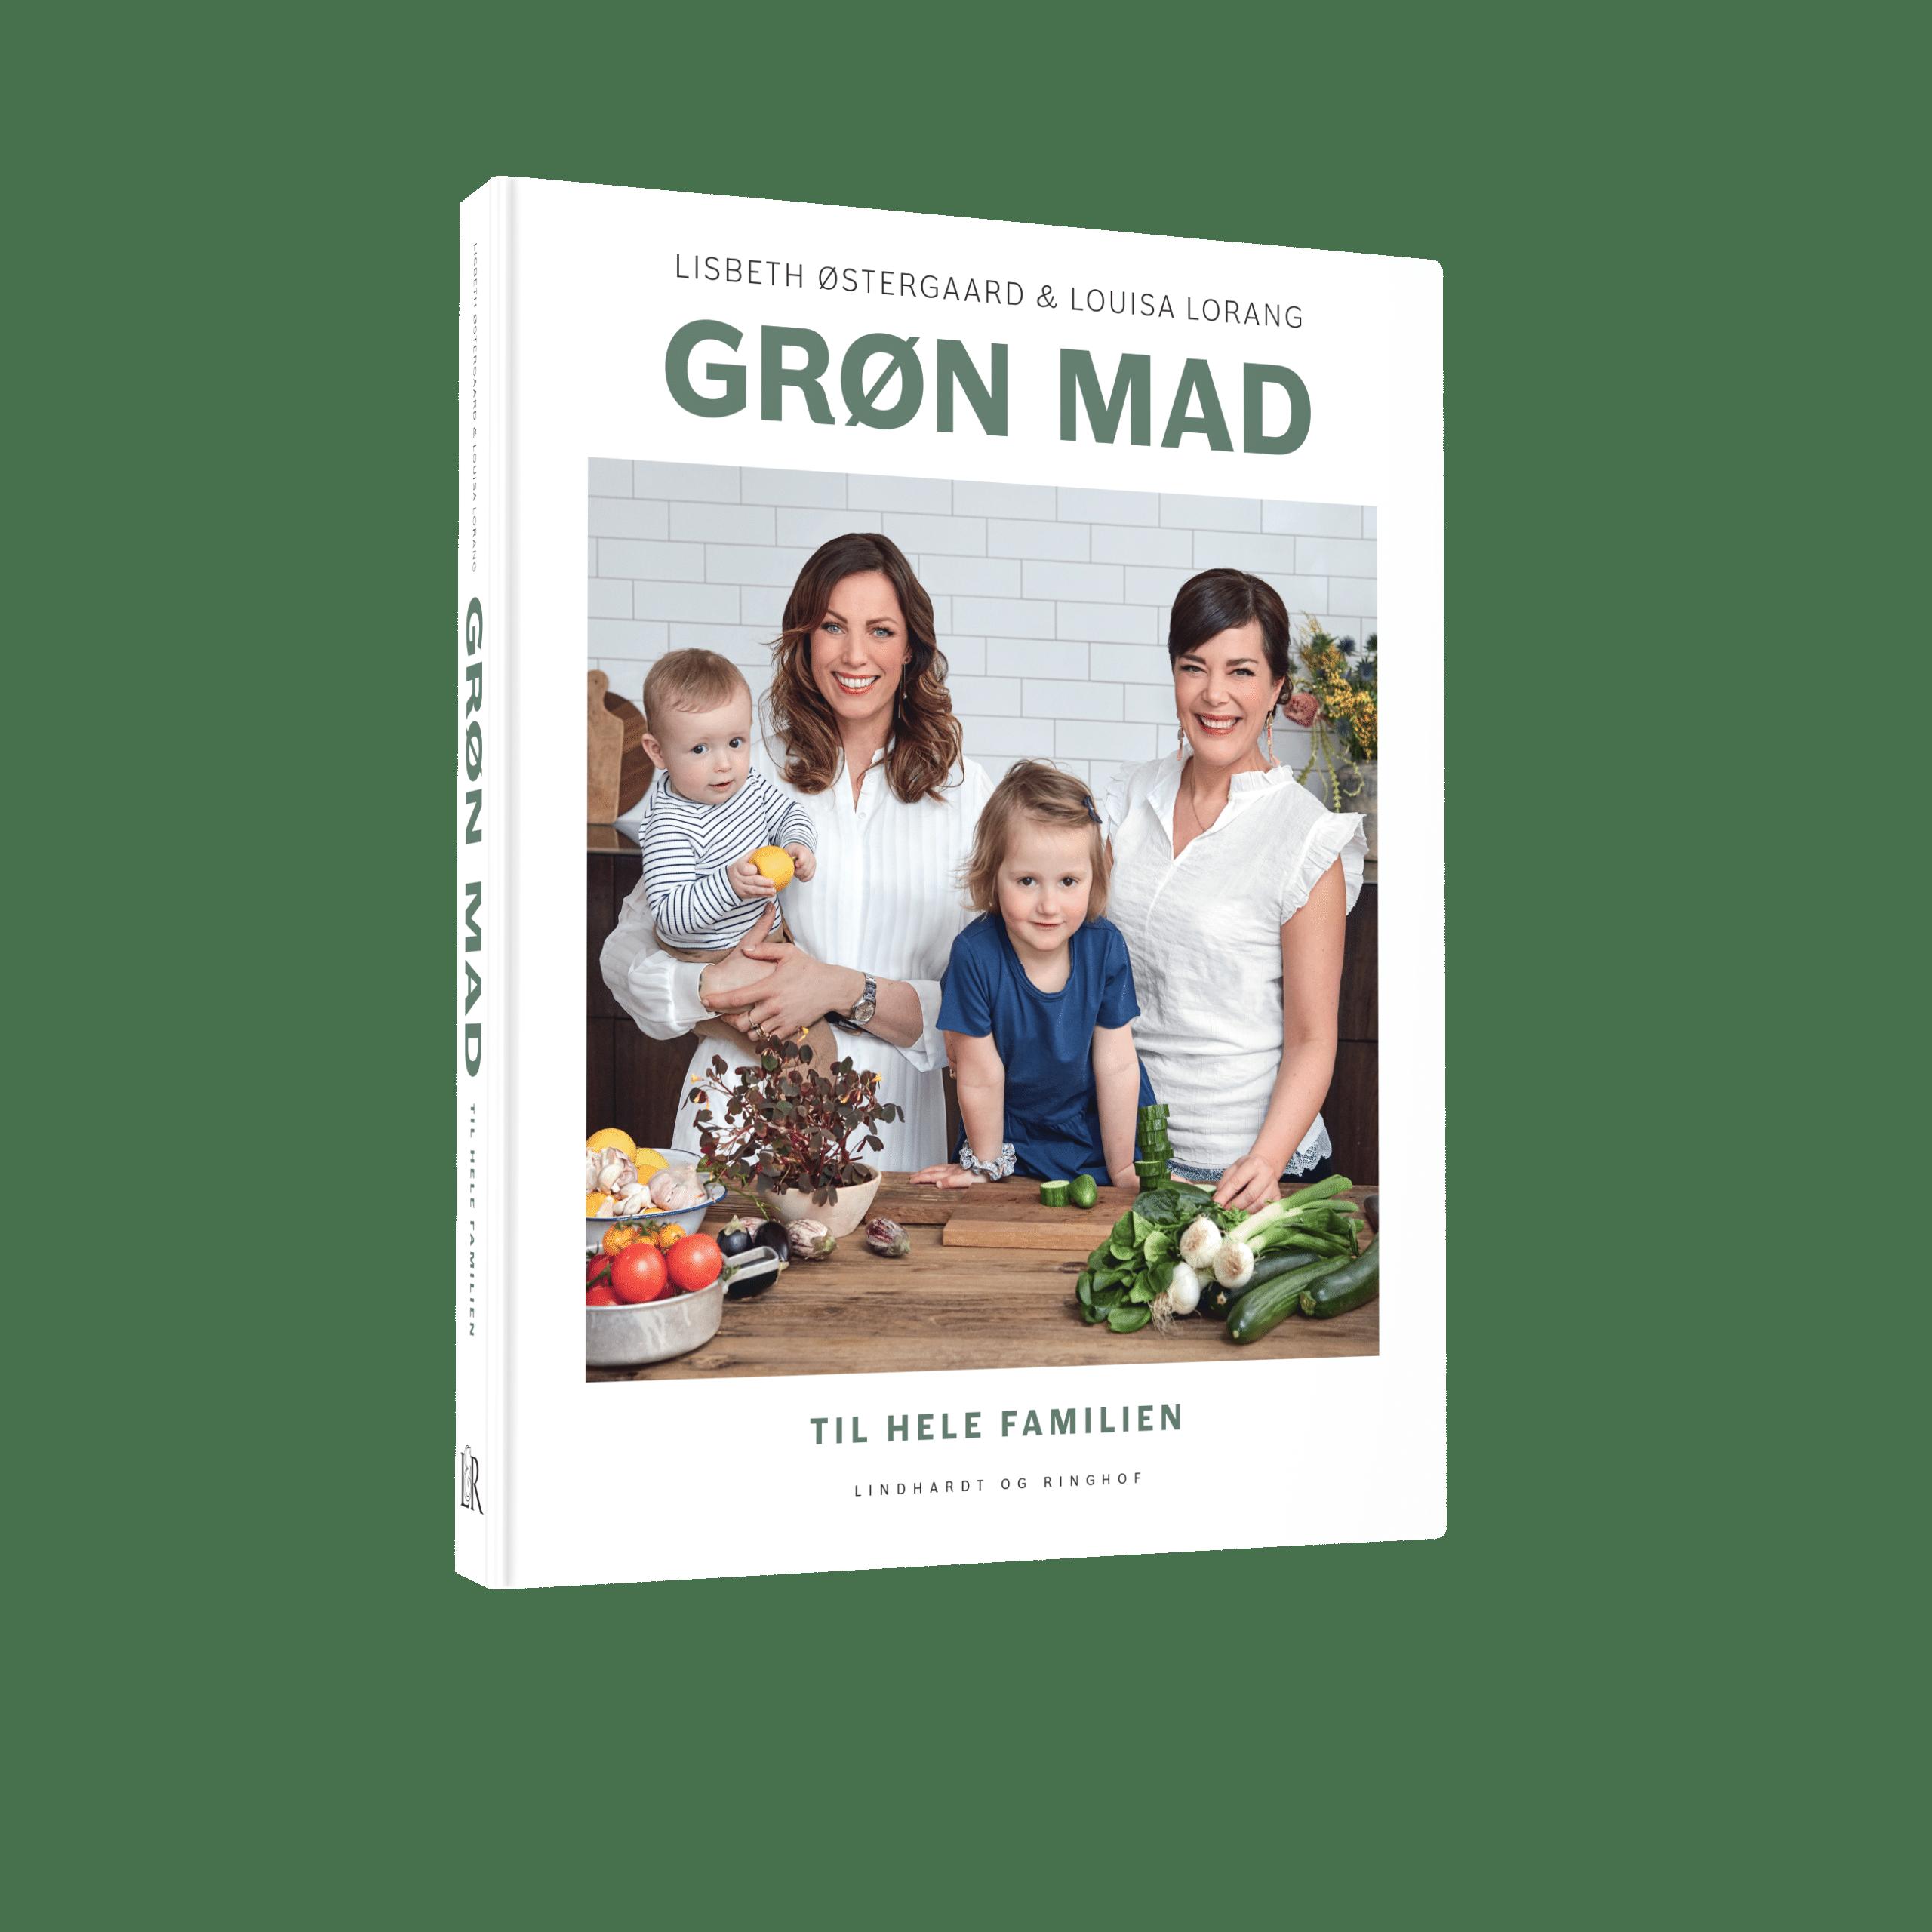 Grøn mad til hele familien, Louisa Lorang, Lisbeth Østergaard, vegetarmad, vegetarkogebog